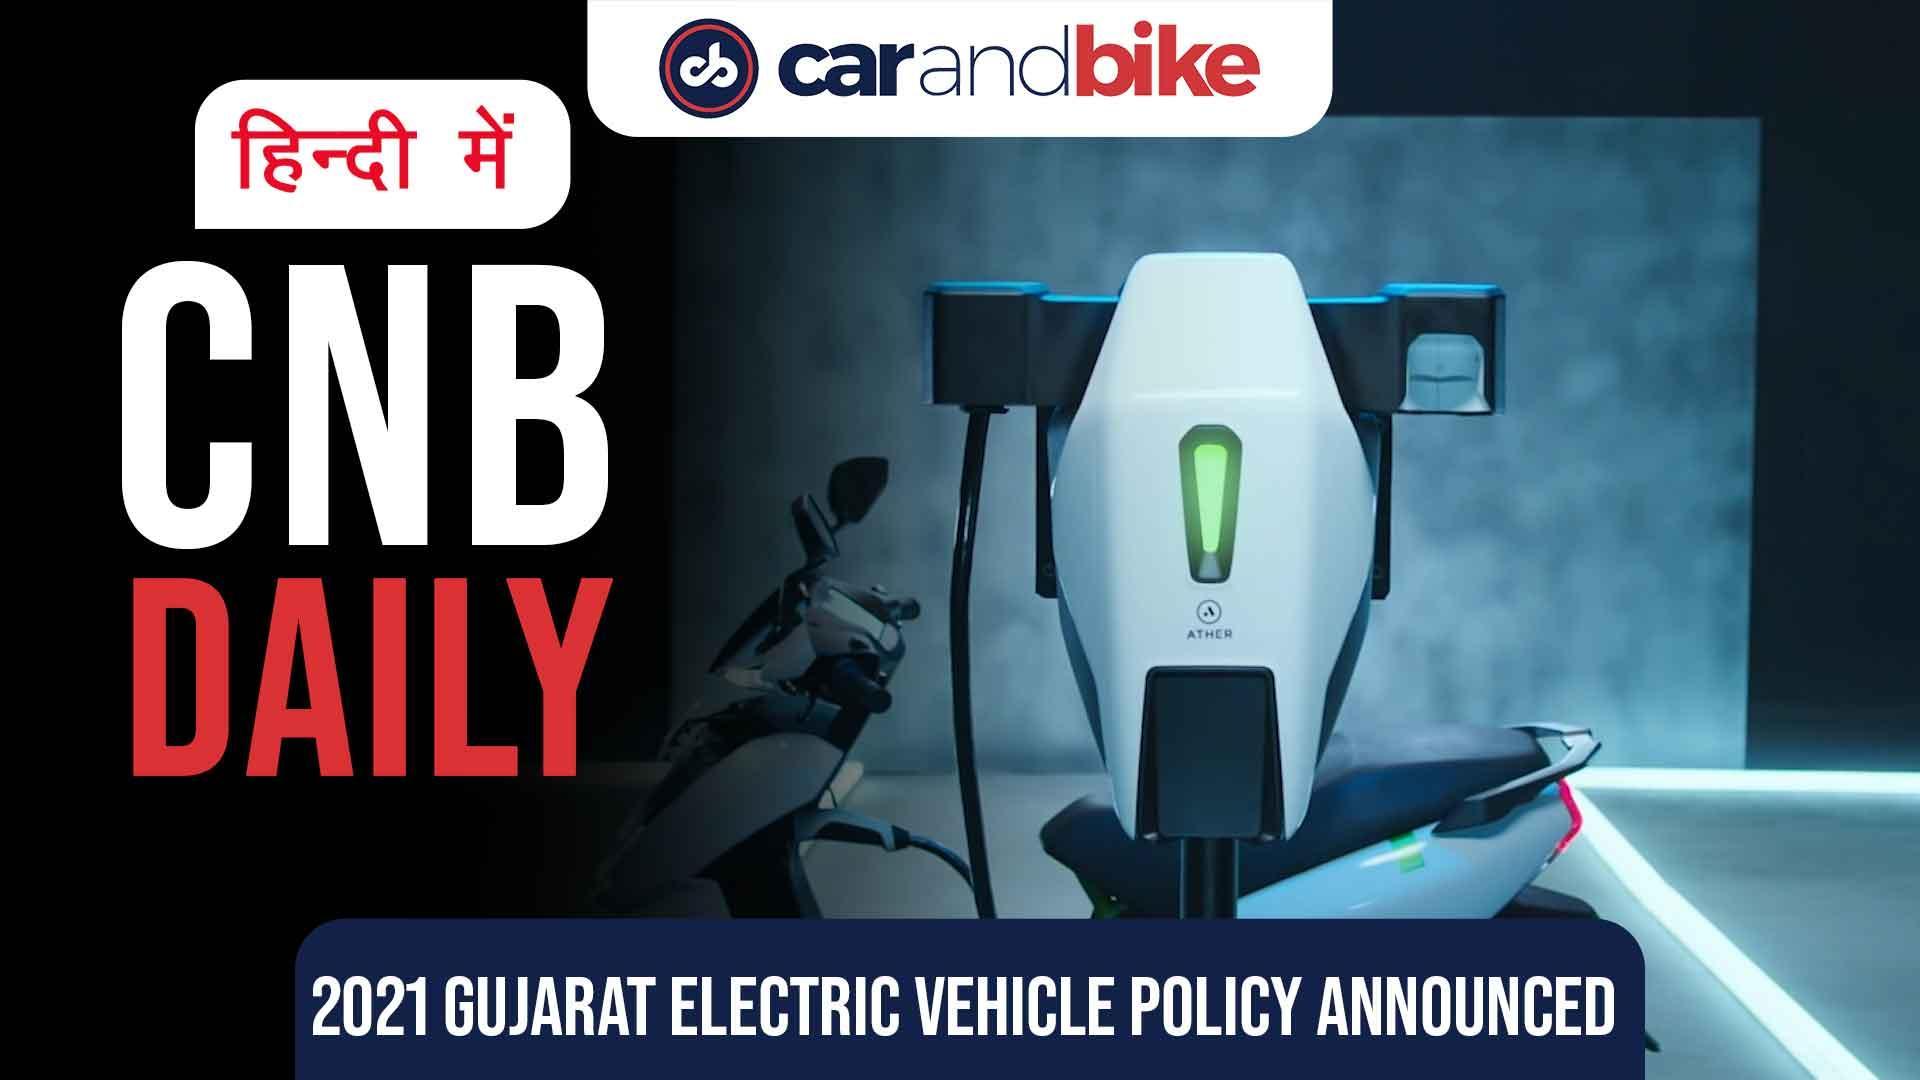 2021 गुजरात EV पॉलिसी की घोषणा